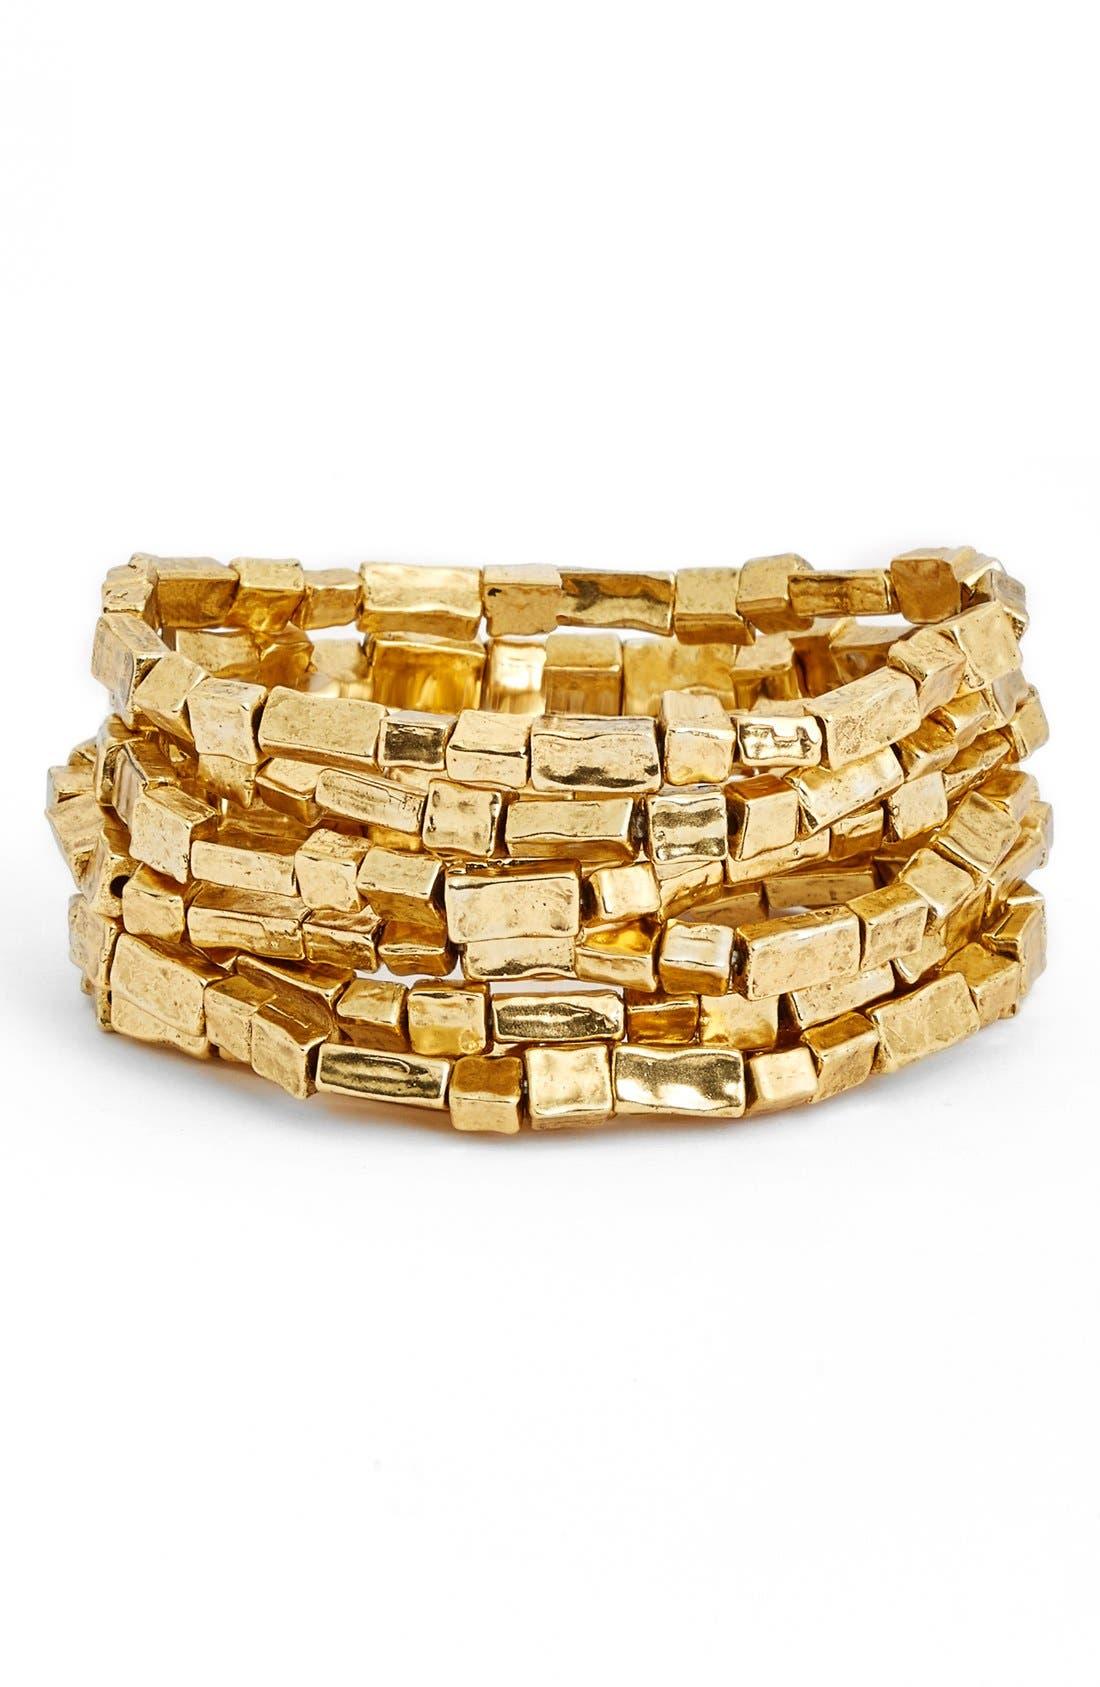 Alternate Image 1 Selected - Karine Sultan Bracelets (Set of 7)